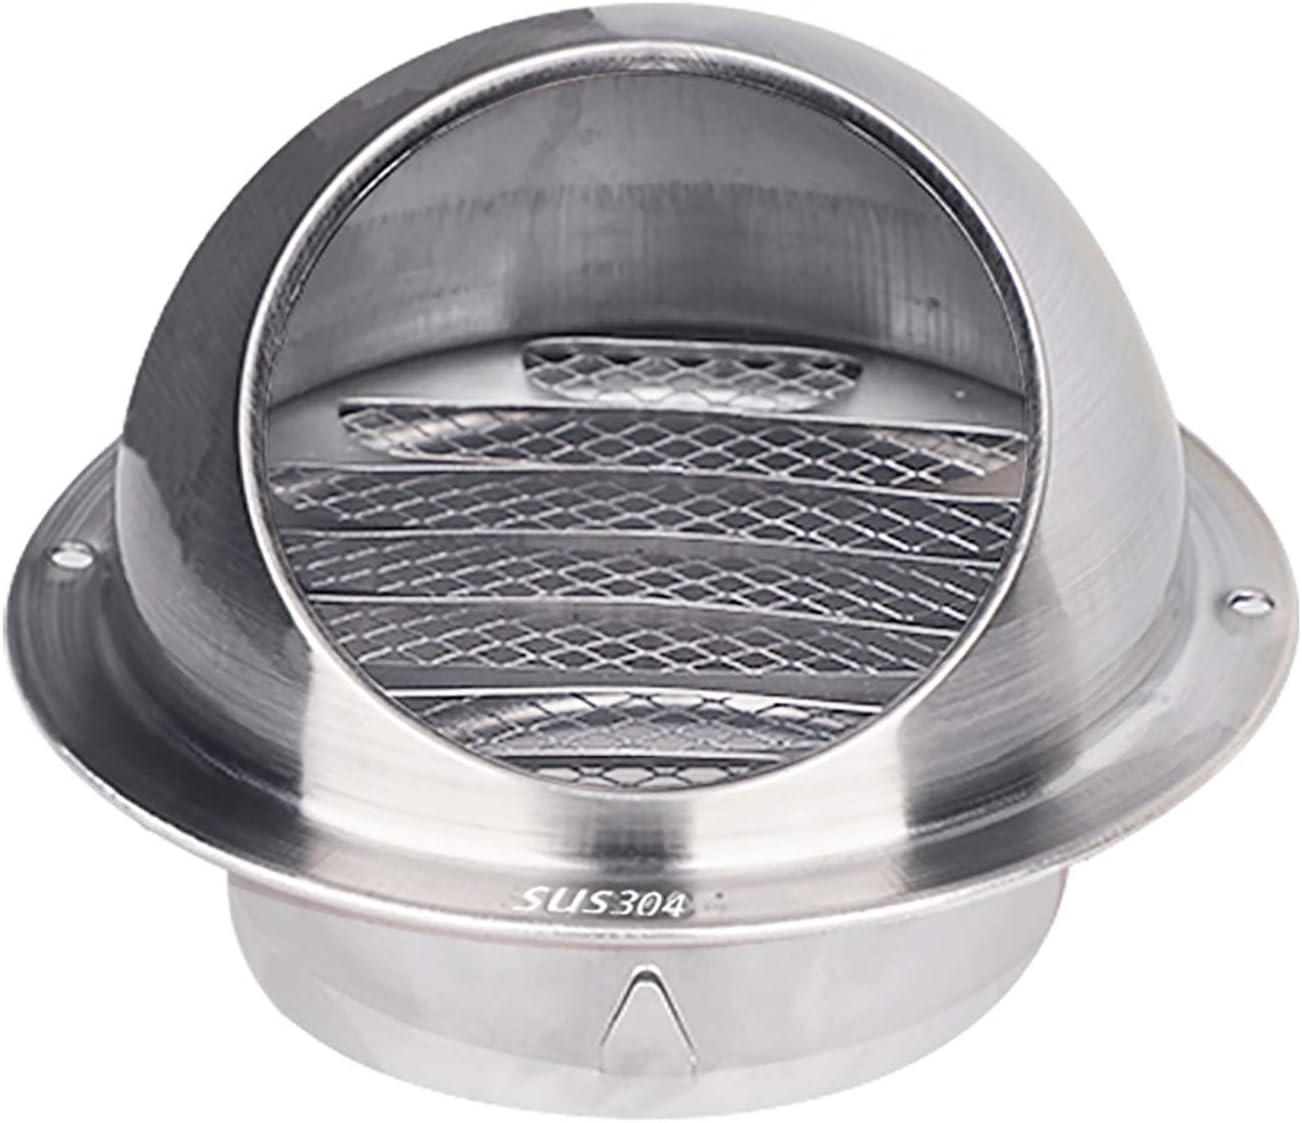 QWEASDF Cubierta de ventilación, 304 Acero Inoxidable Rejilla ventilación ventilación Redonda Rejilla, Pantalla Mosca incorporada Malla Extractor Externo Pared para Cocina y baño (Ø60-300mm),250mm